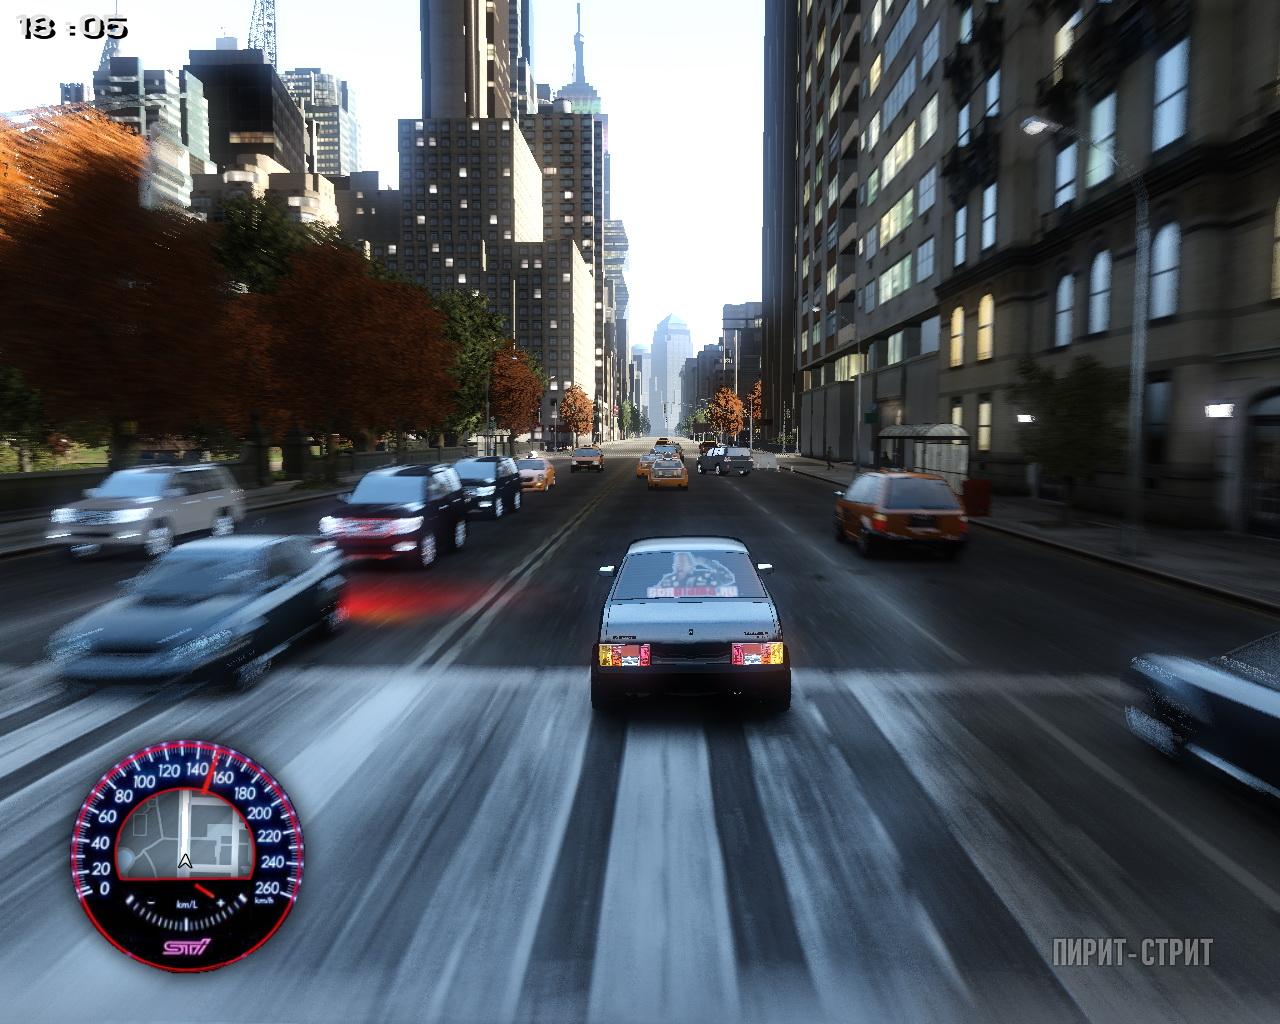 Блоги / Детальная настройка графики GTA 5 на среднем PC 13